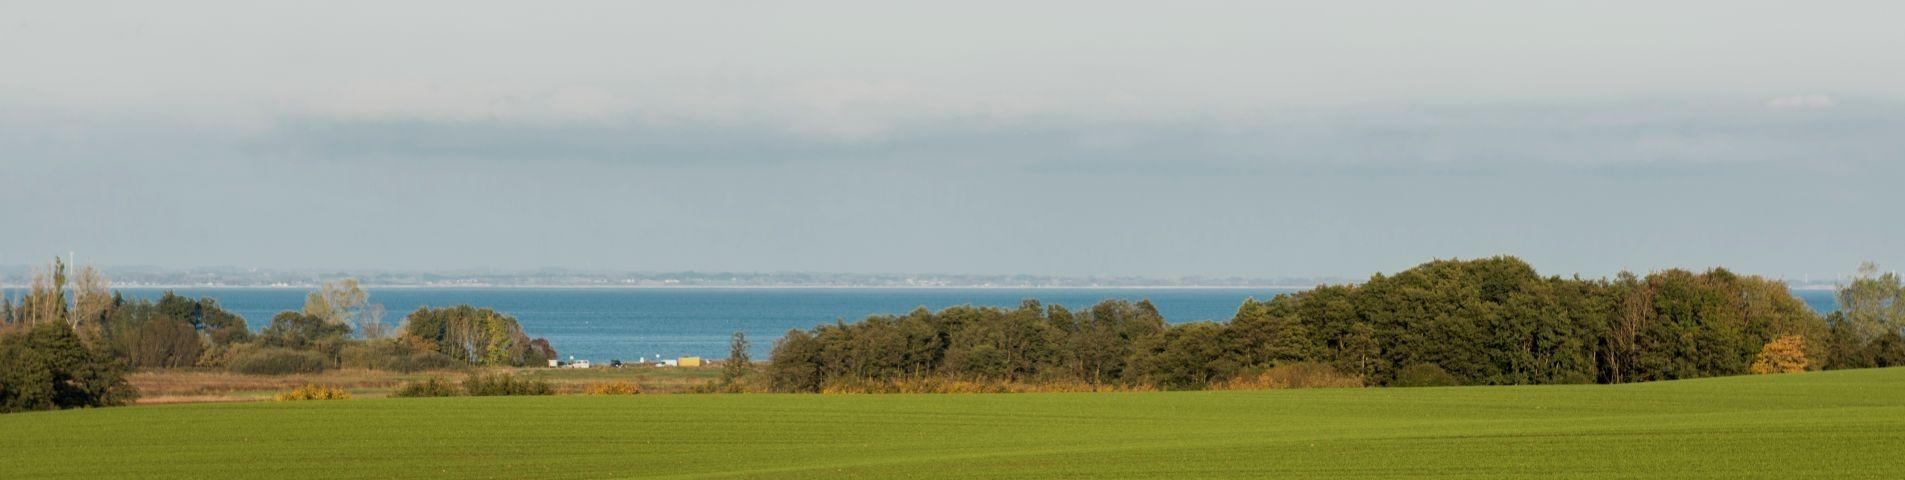 Blick auf Habernisser Bucht